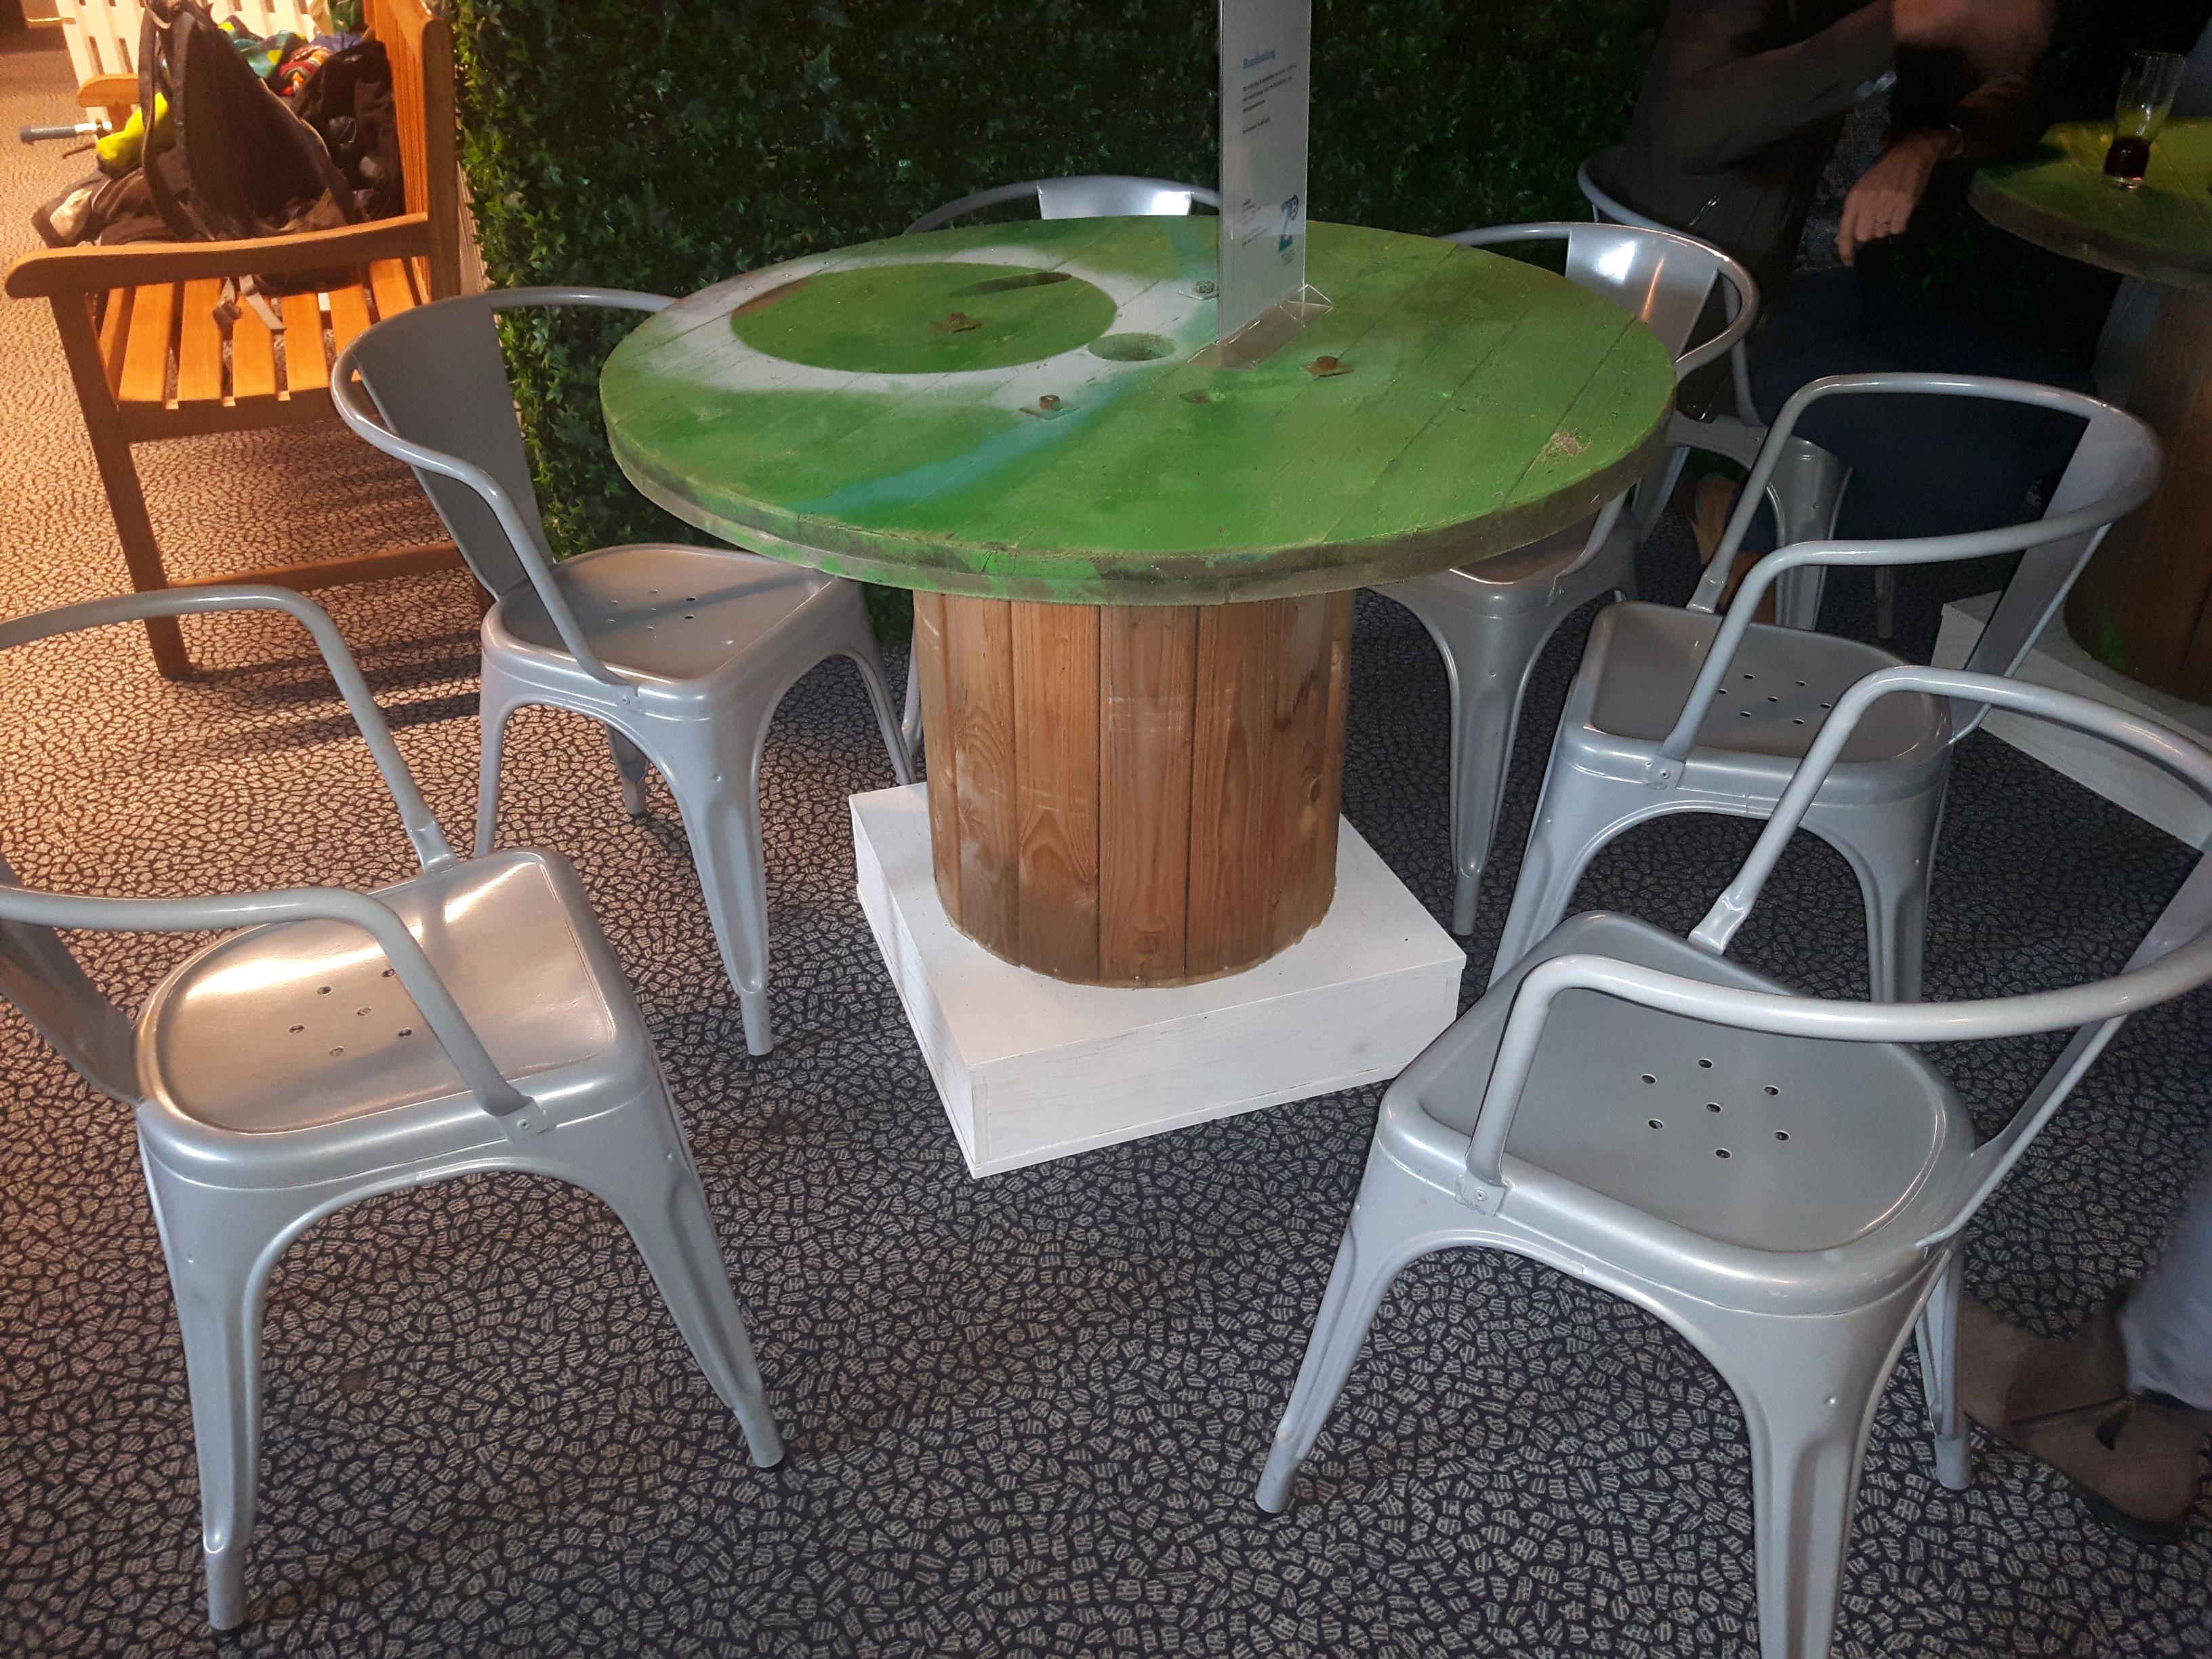 Kabelhaspel tafels